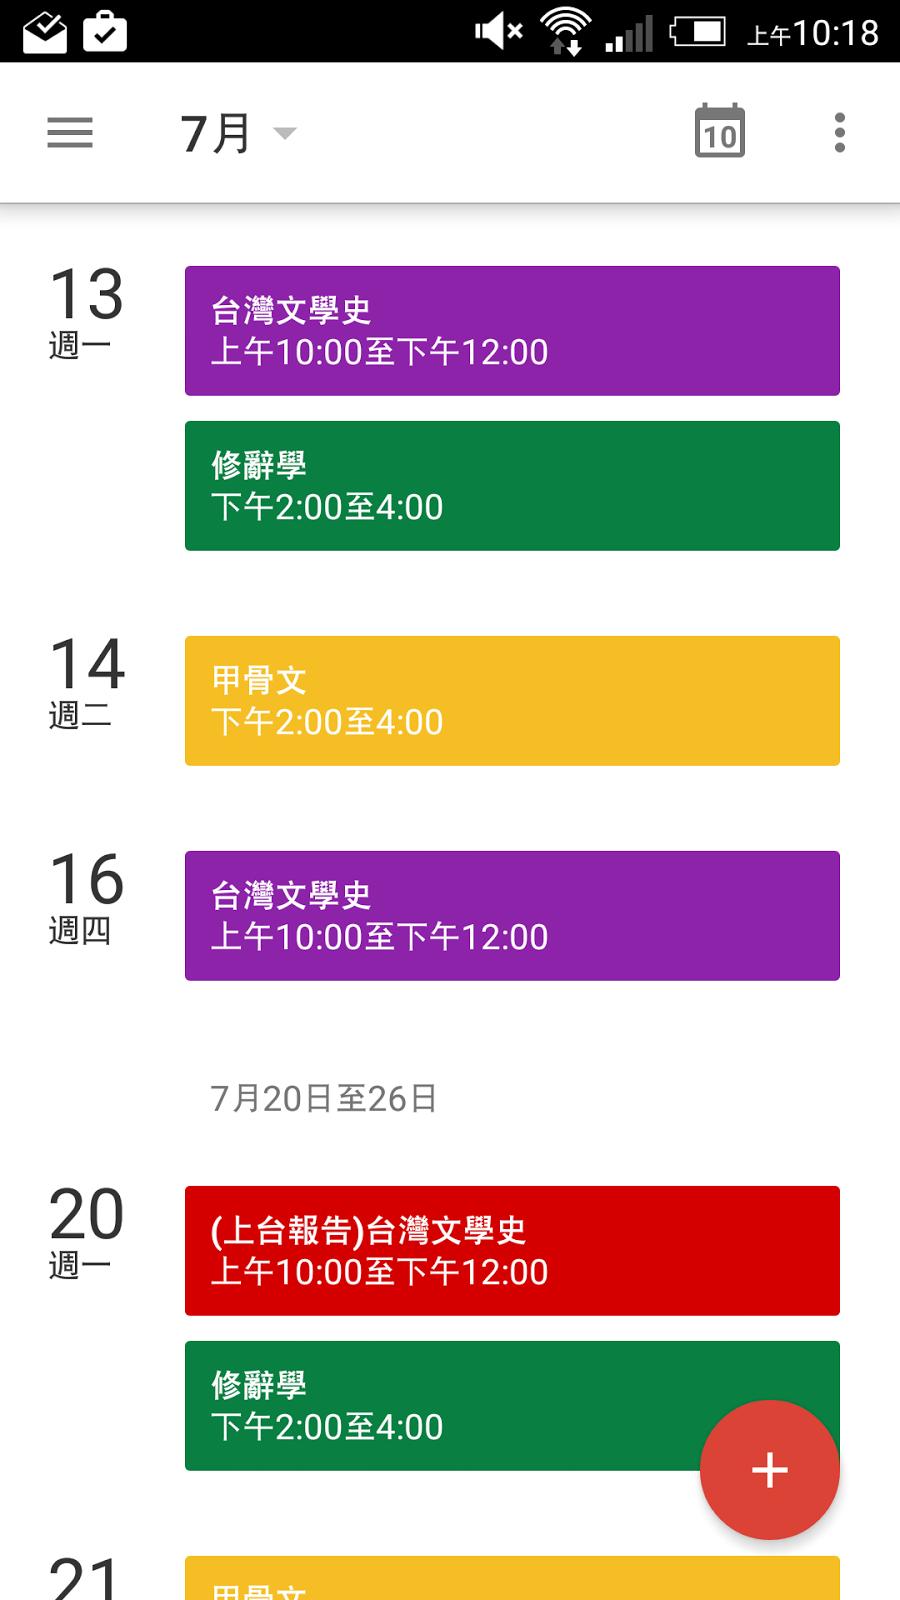 google日曆下載|- google日曆下載| - 快熱資訊 - 走進時代